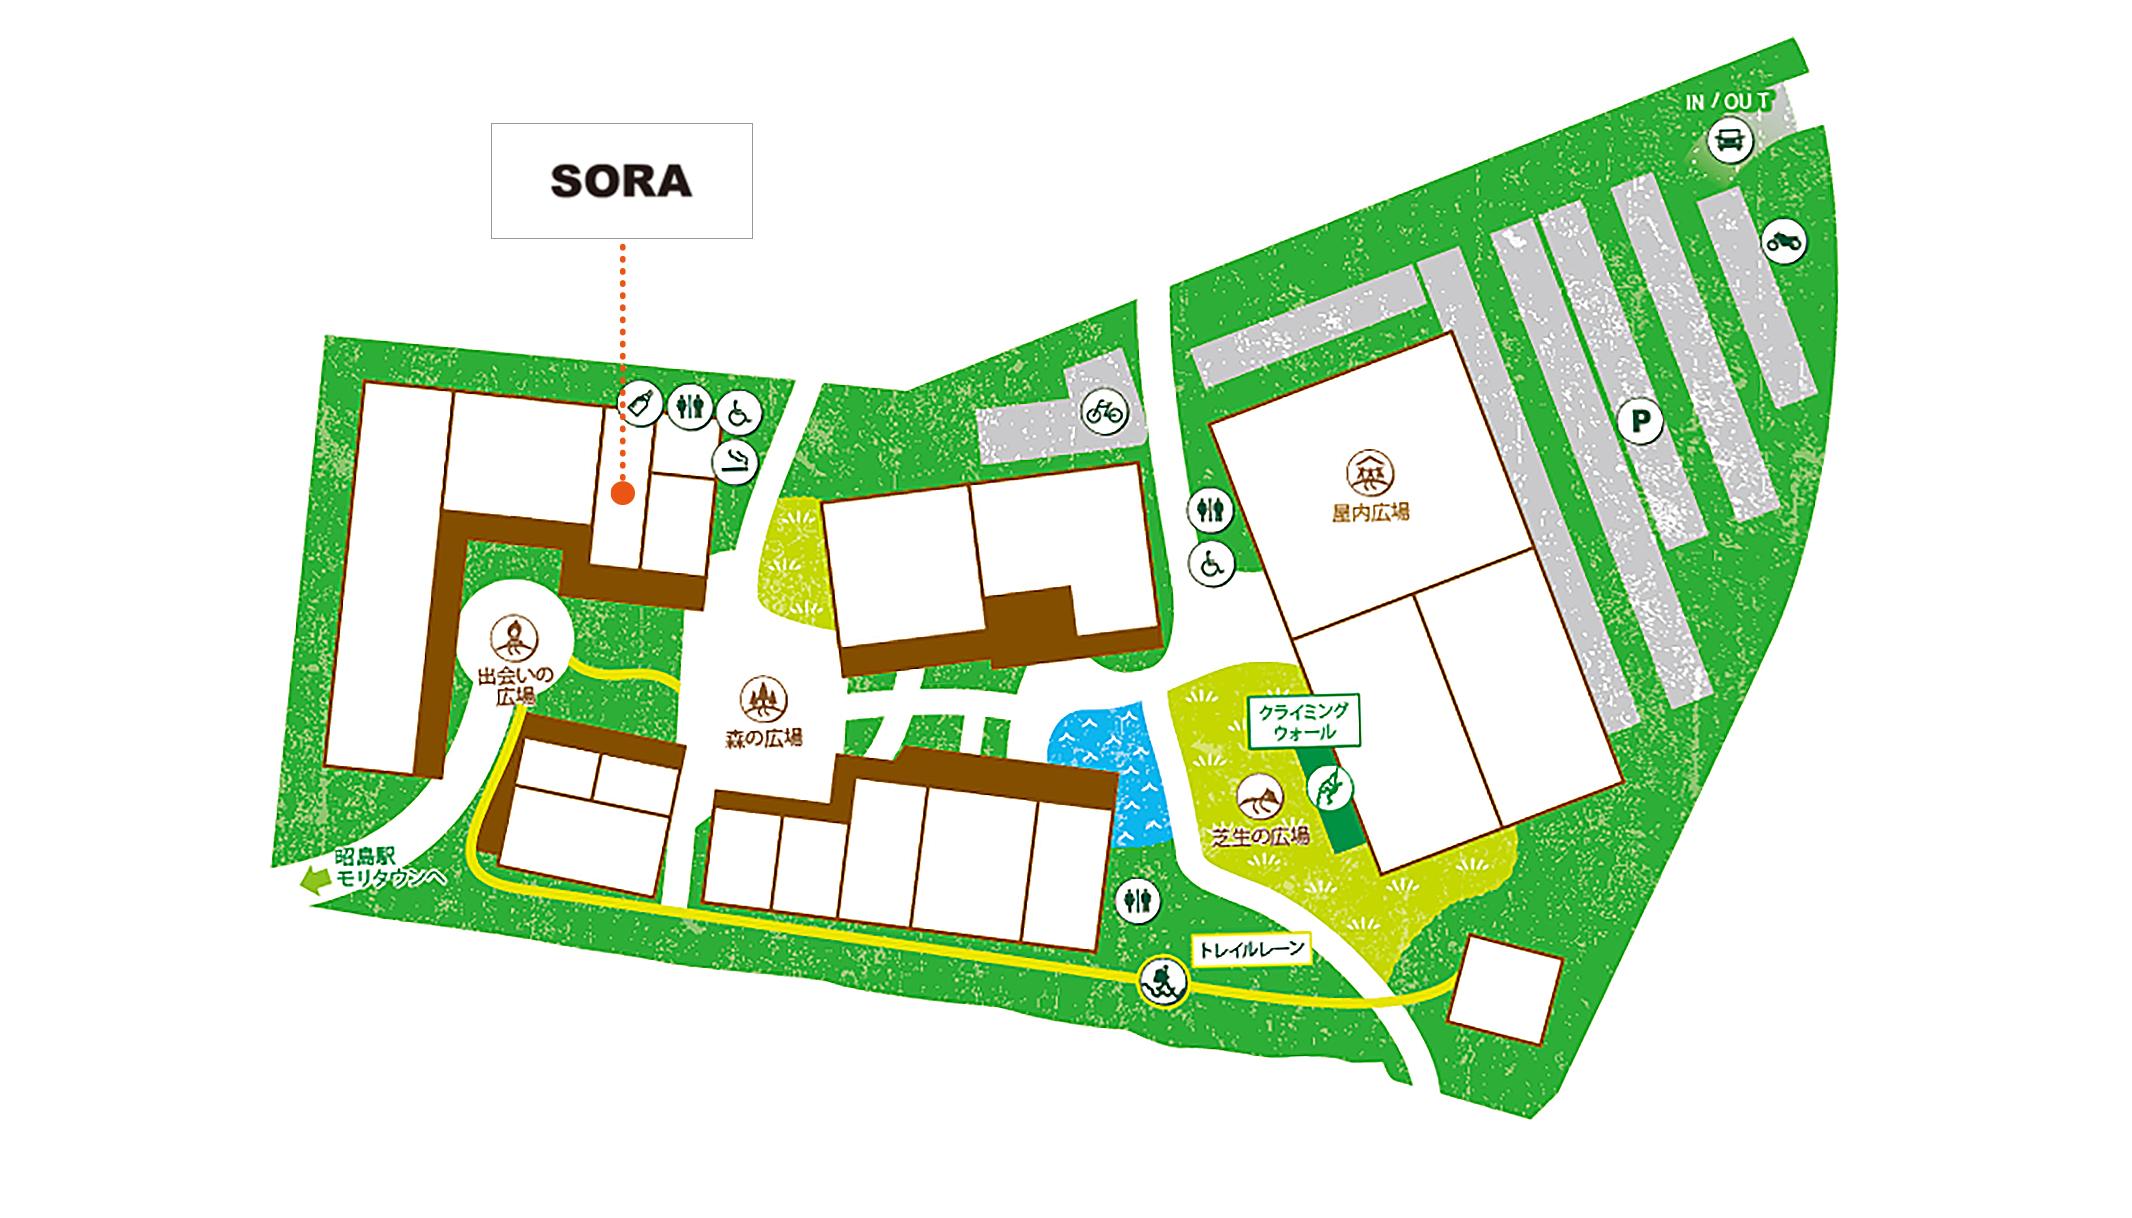 SORA 昭島アウトドアヴィレッジ店map